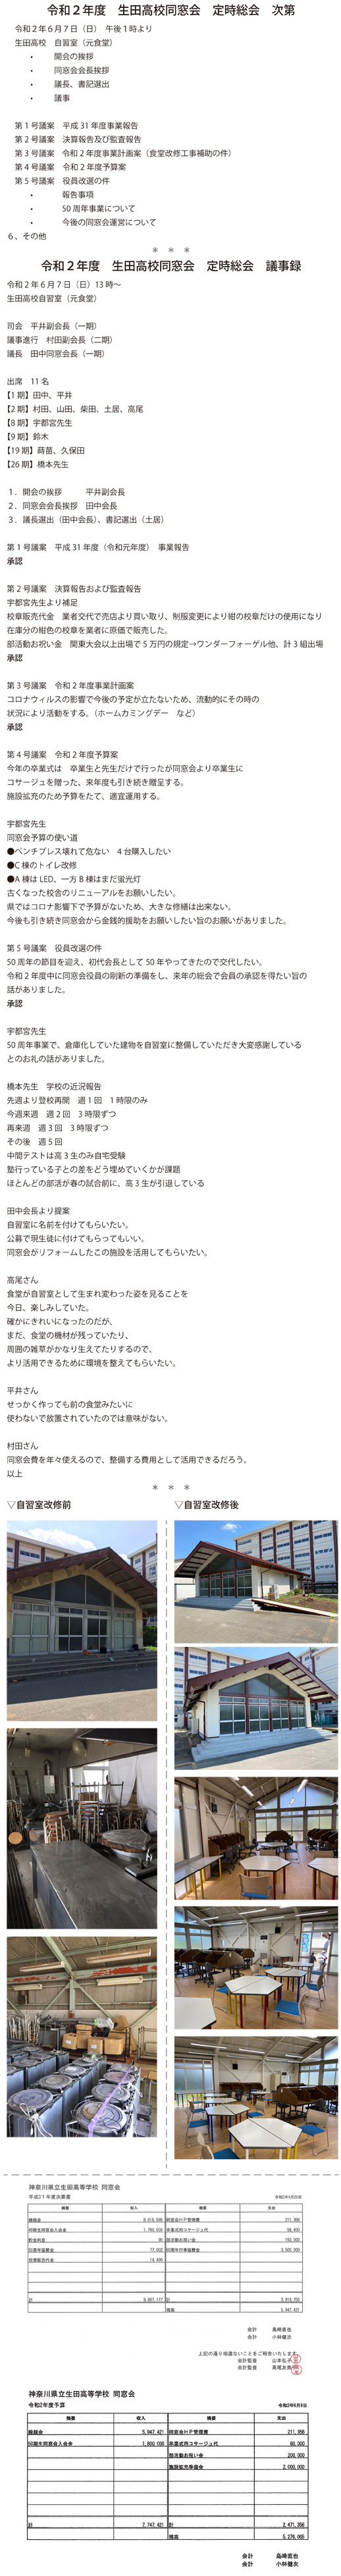 高校 生田